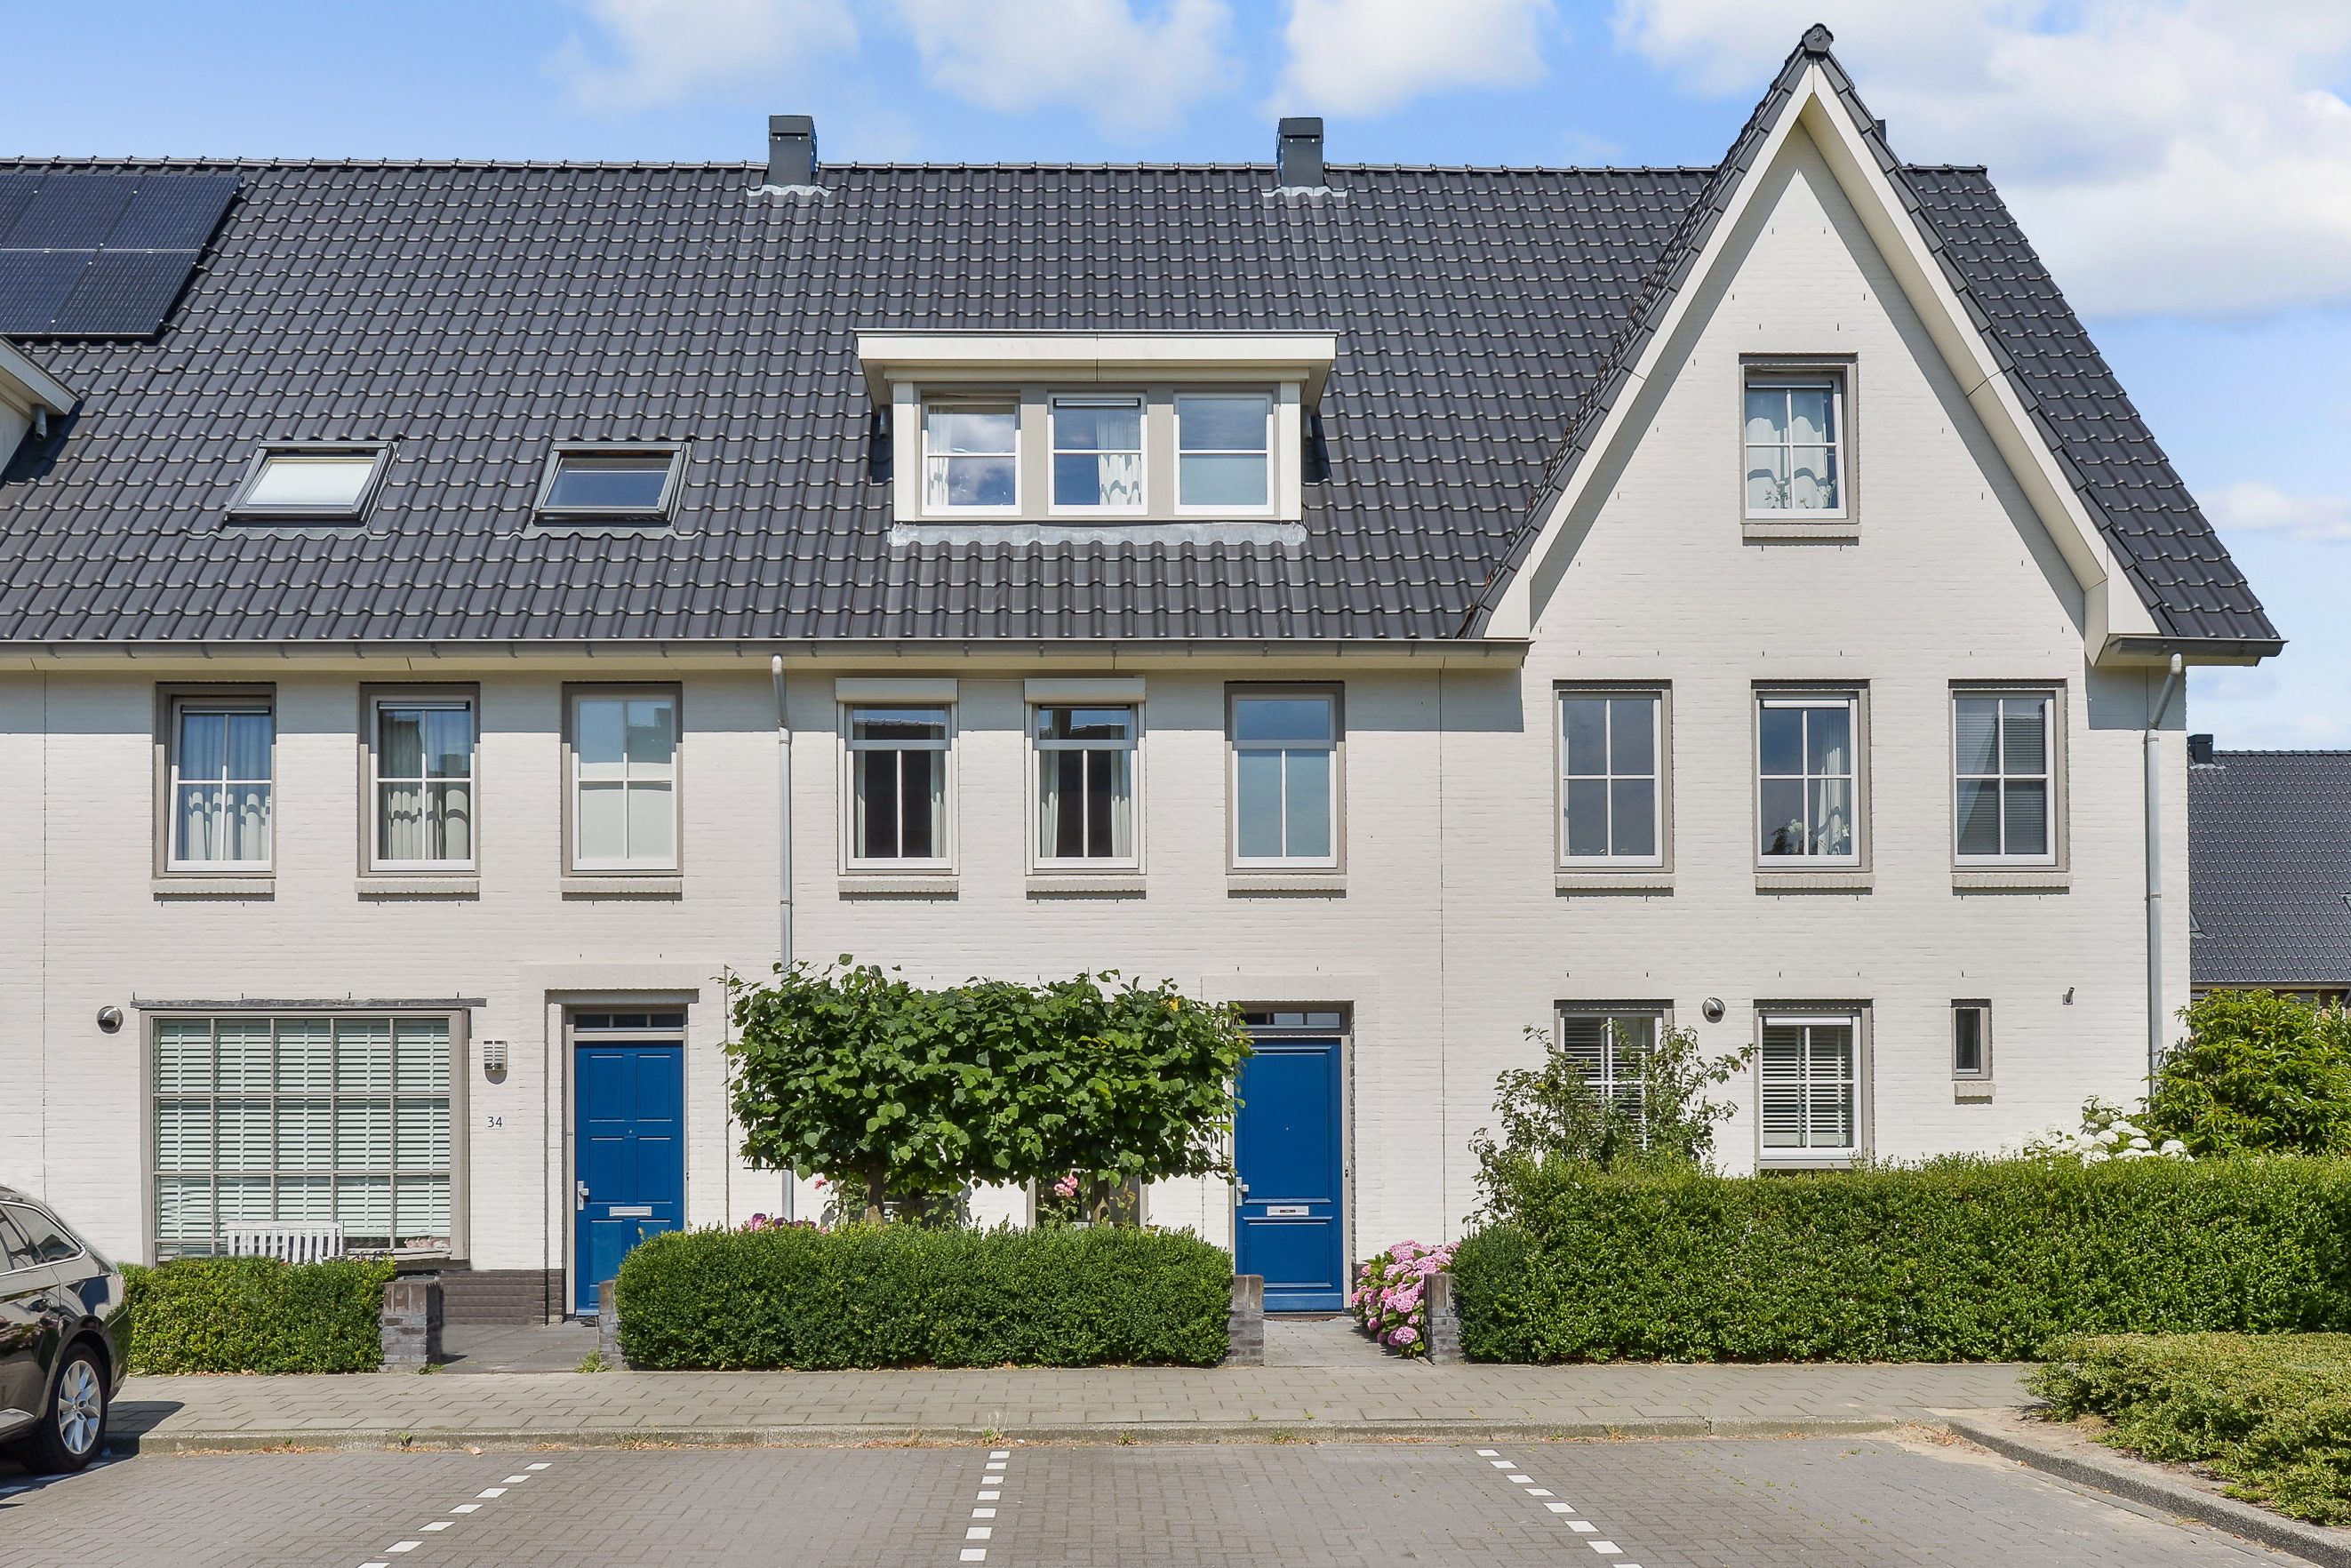 Lunshof makelaars Amstelveen en Amsterdam - Duivenvoorde 32  Amstelveen